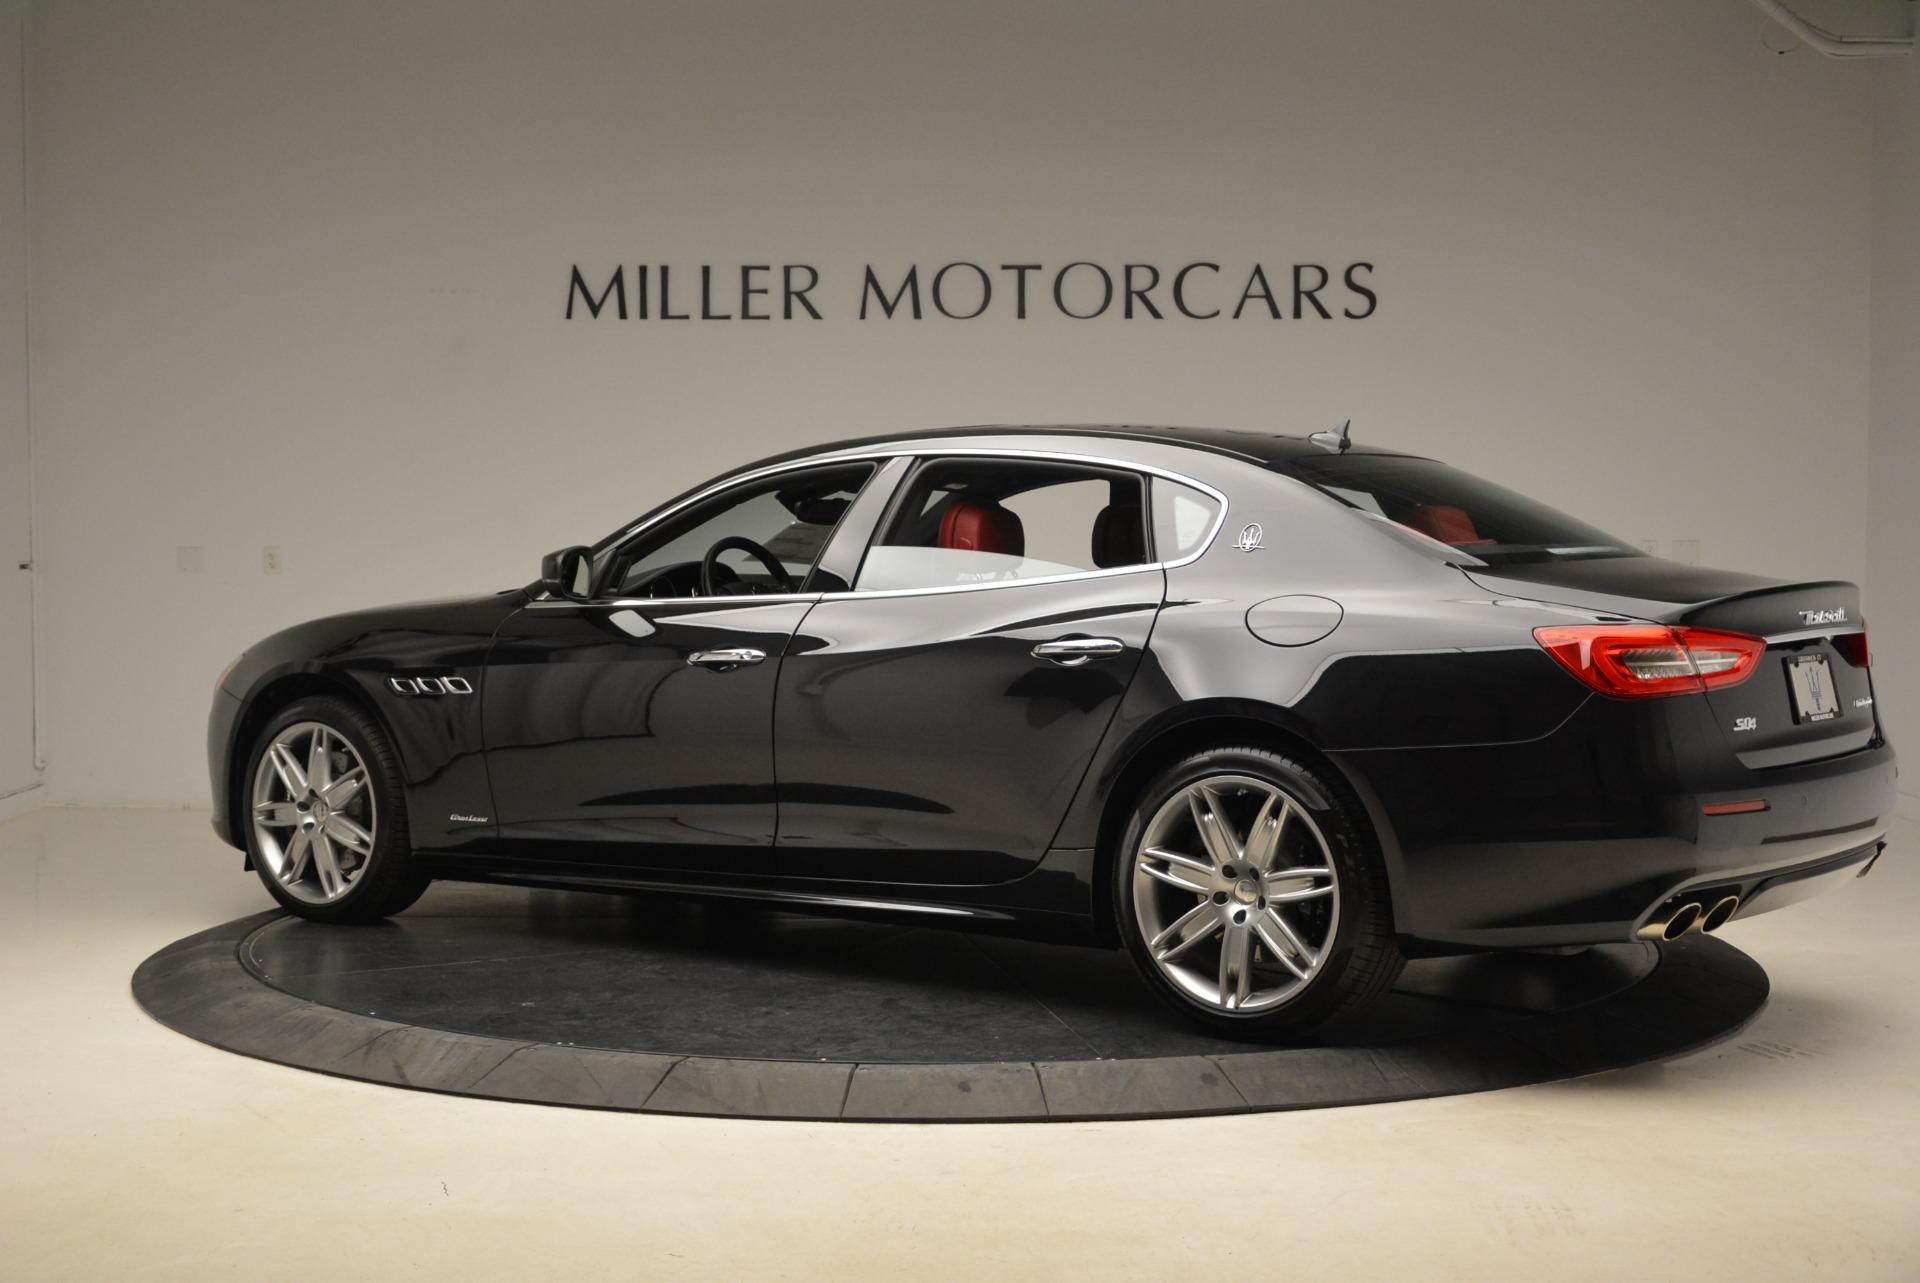 New 2018 Maserati Quattroporte S Q4 GranLusso For Sale In Greenwich, CT 2391_p4